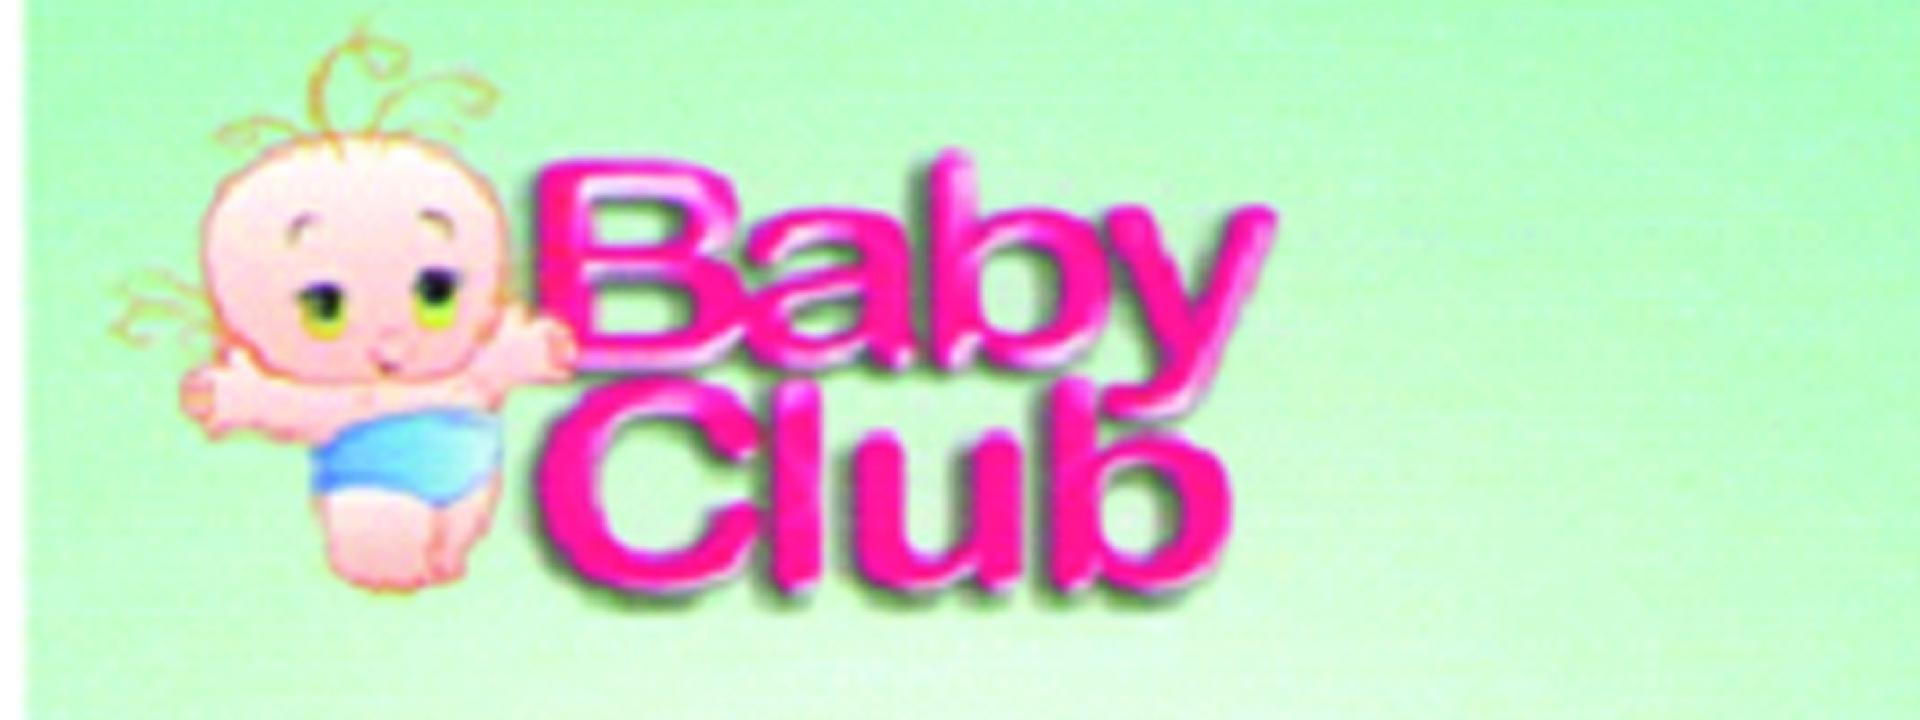 محصولات مادر و کودک بیبی کلوب